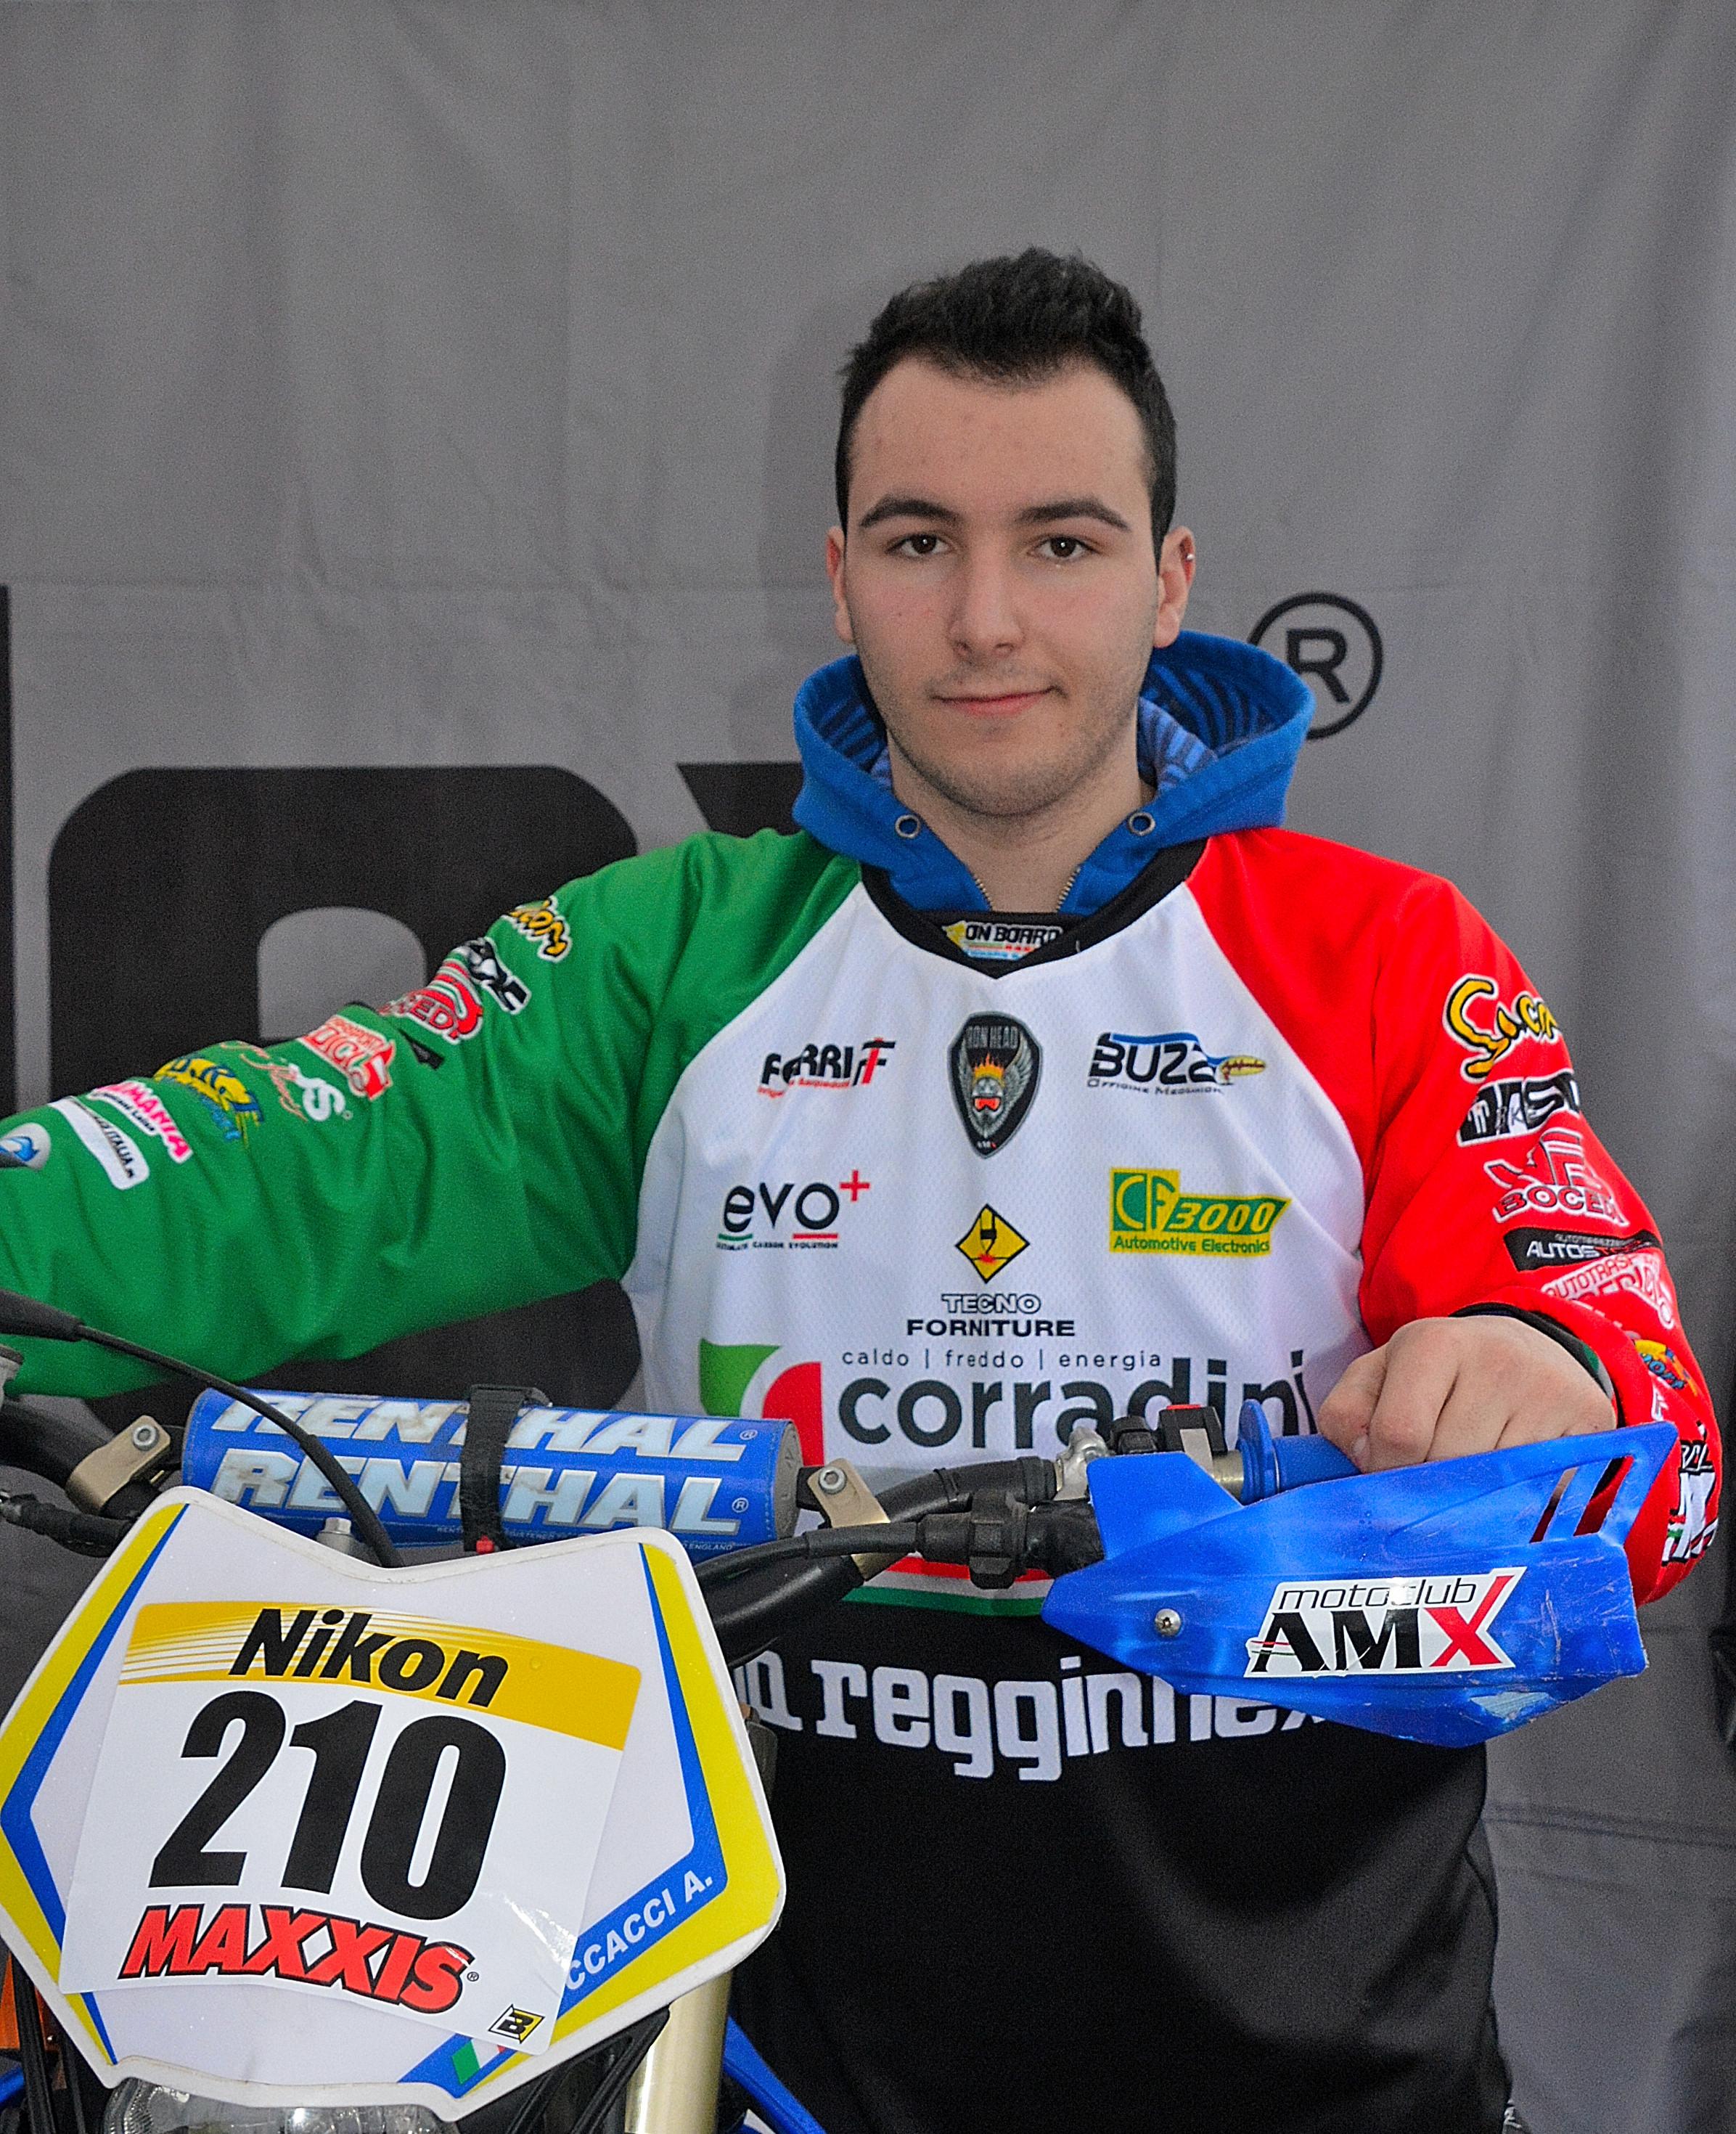 Andrea Boccacci